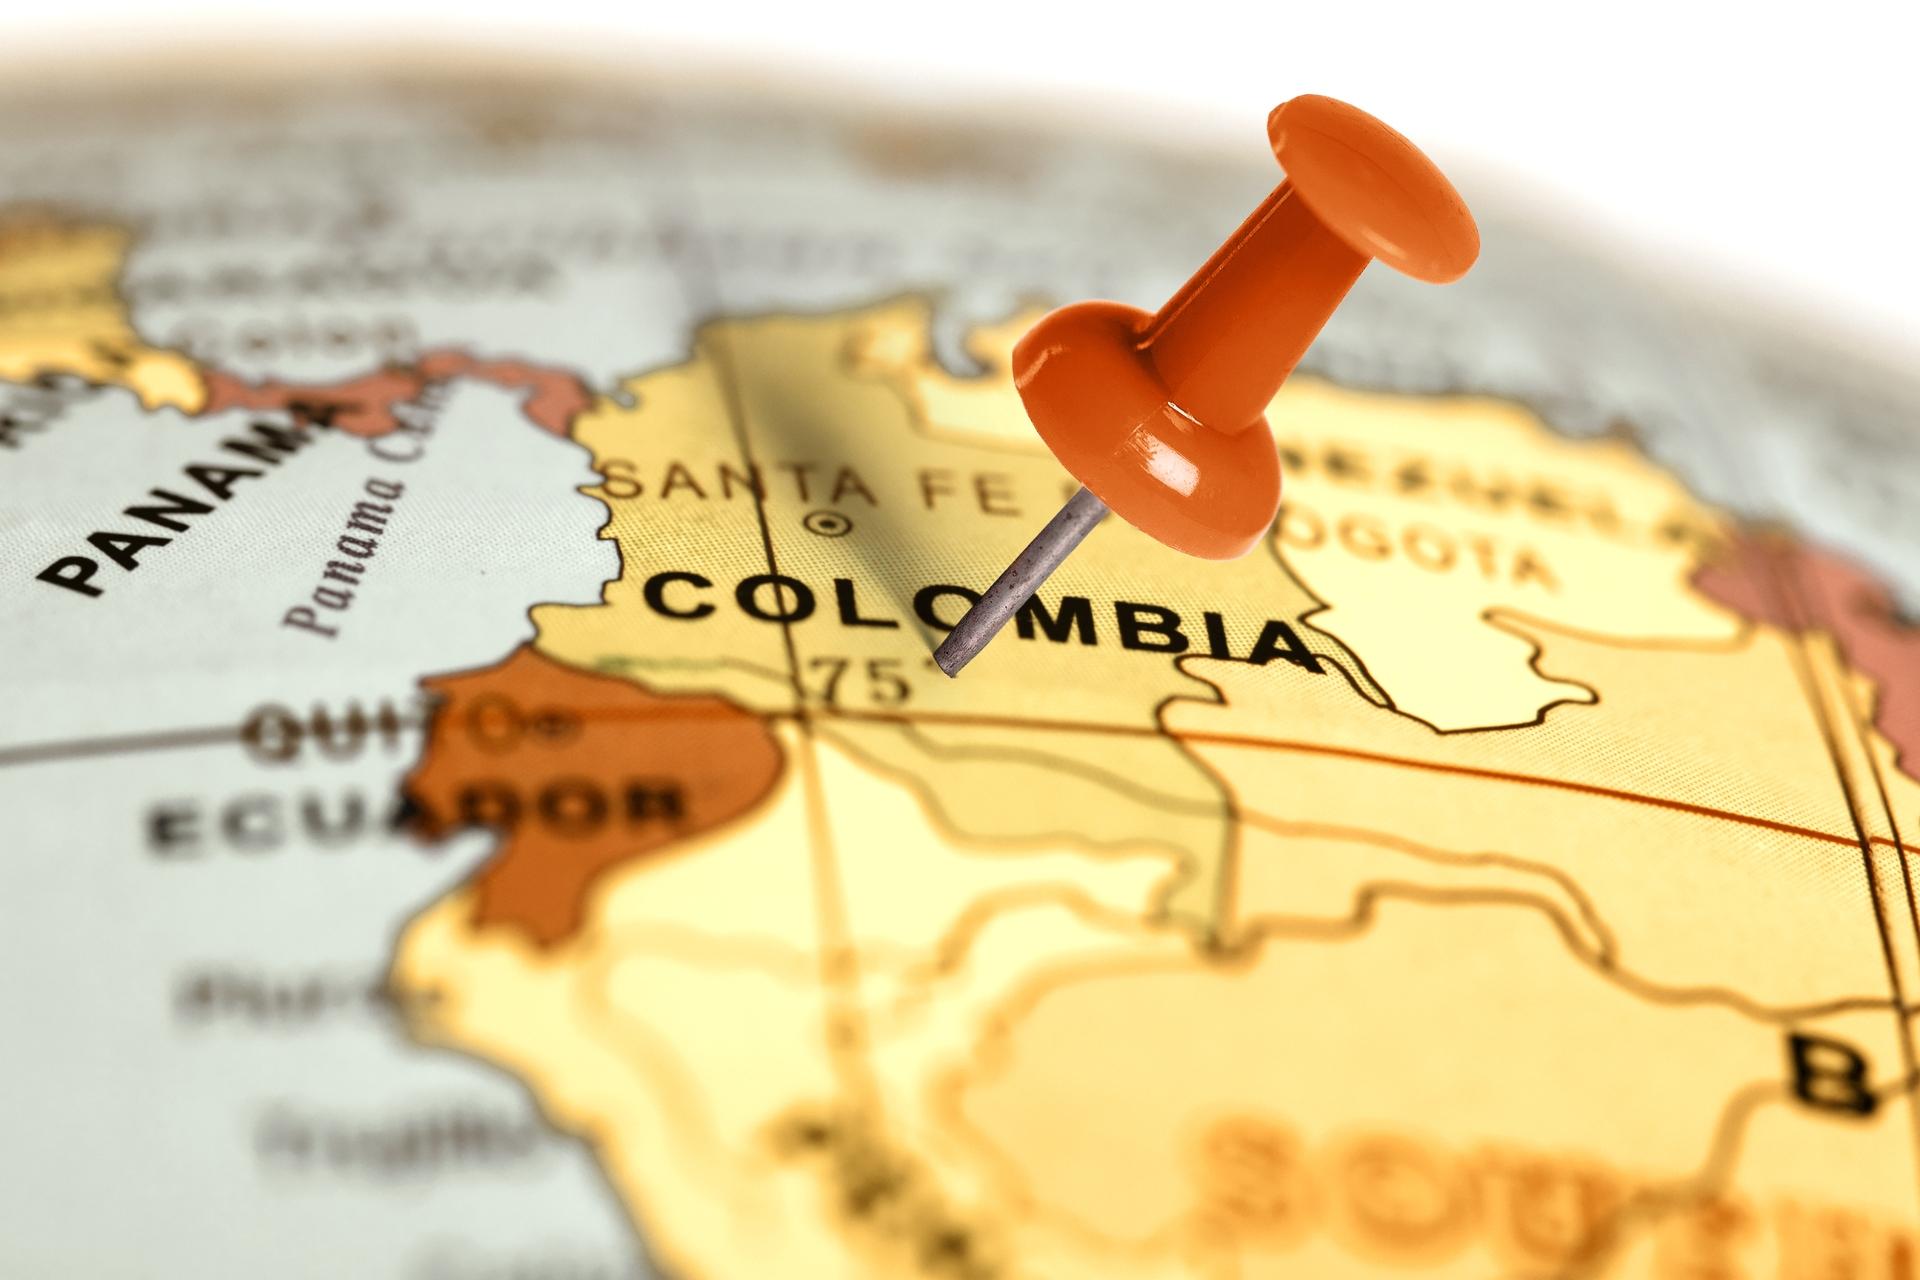 Gestación subrogada en Colombia: lo que debe aprender (costos, derechos y más)